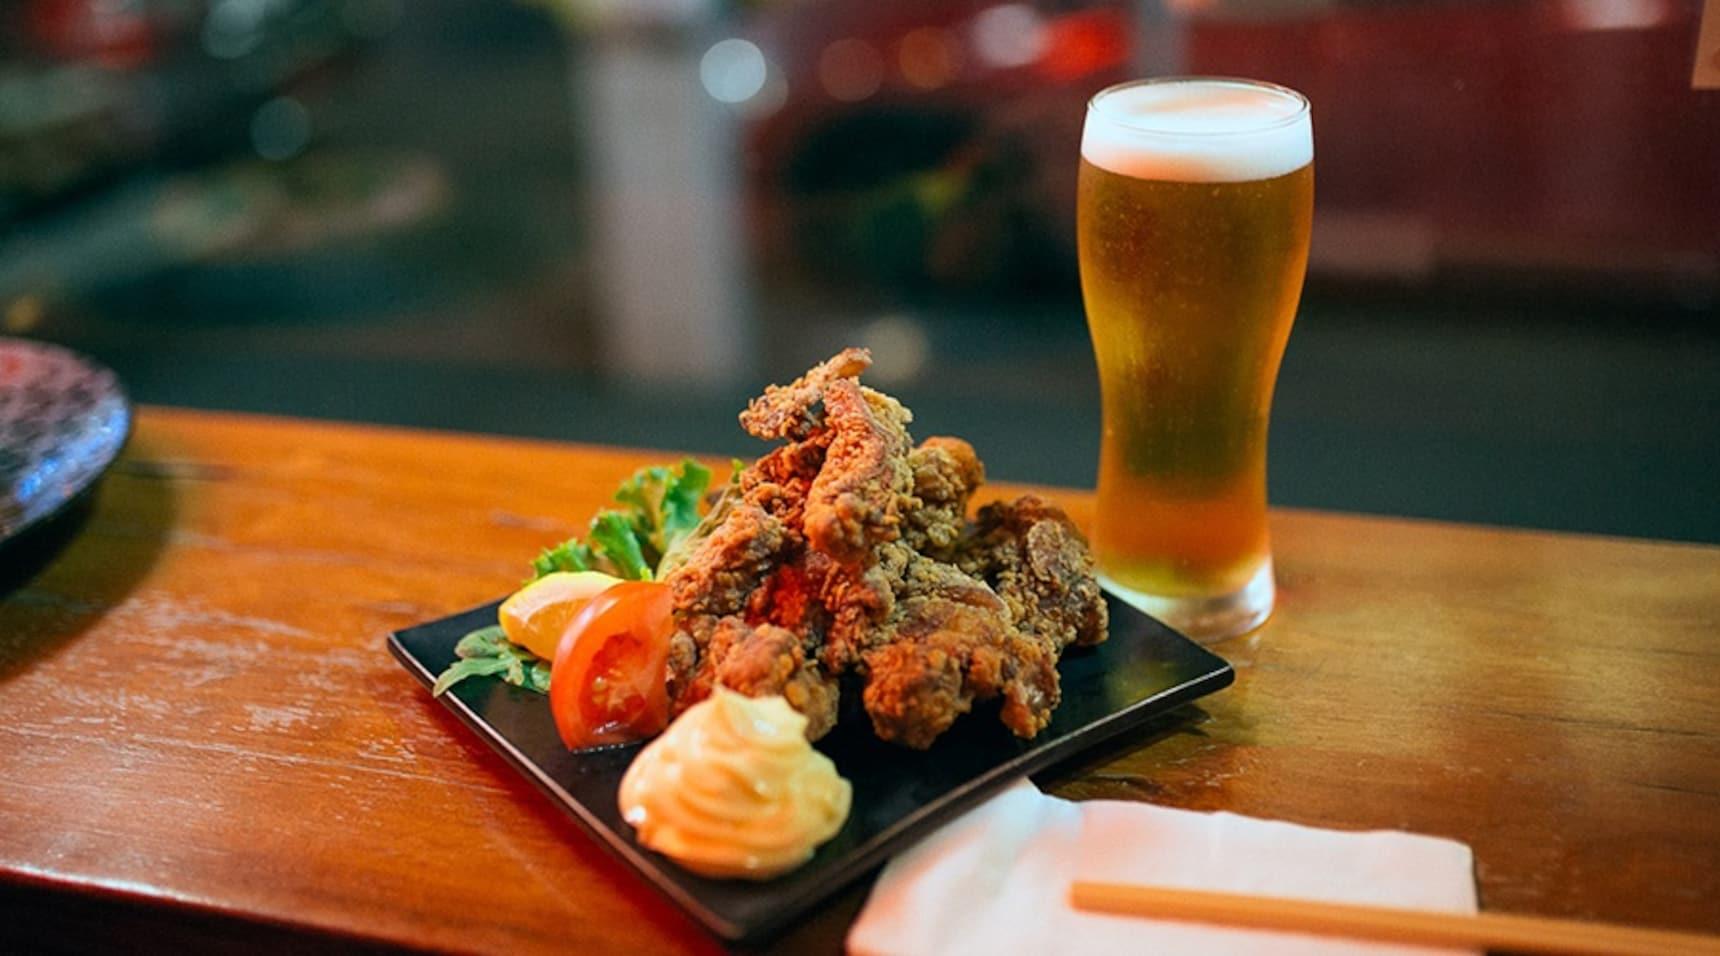 일본의 음주 문화 1부